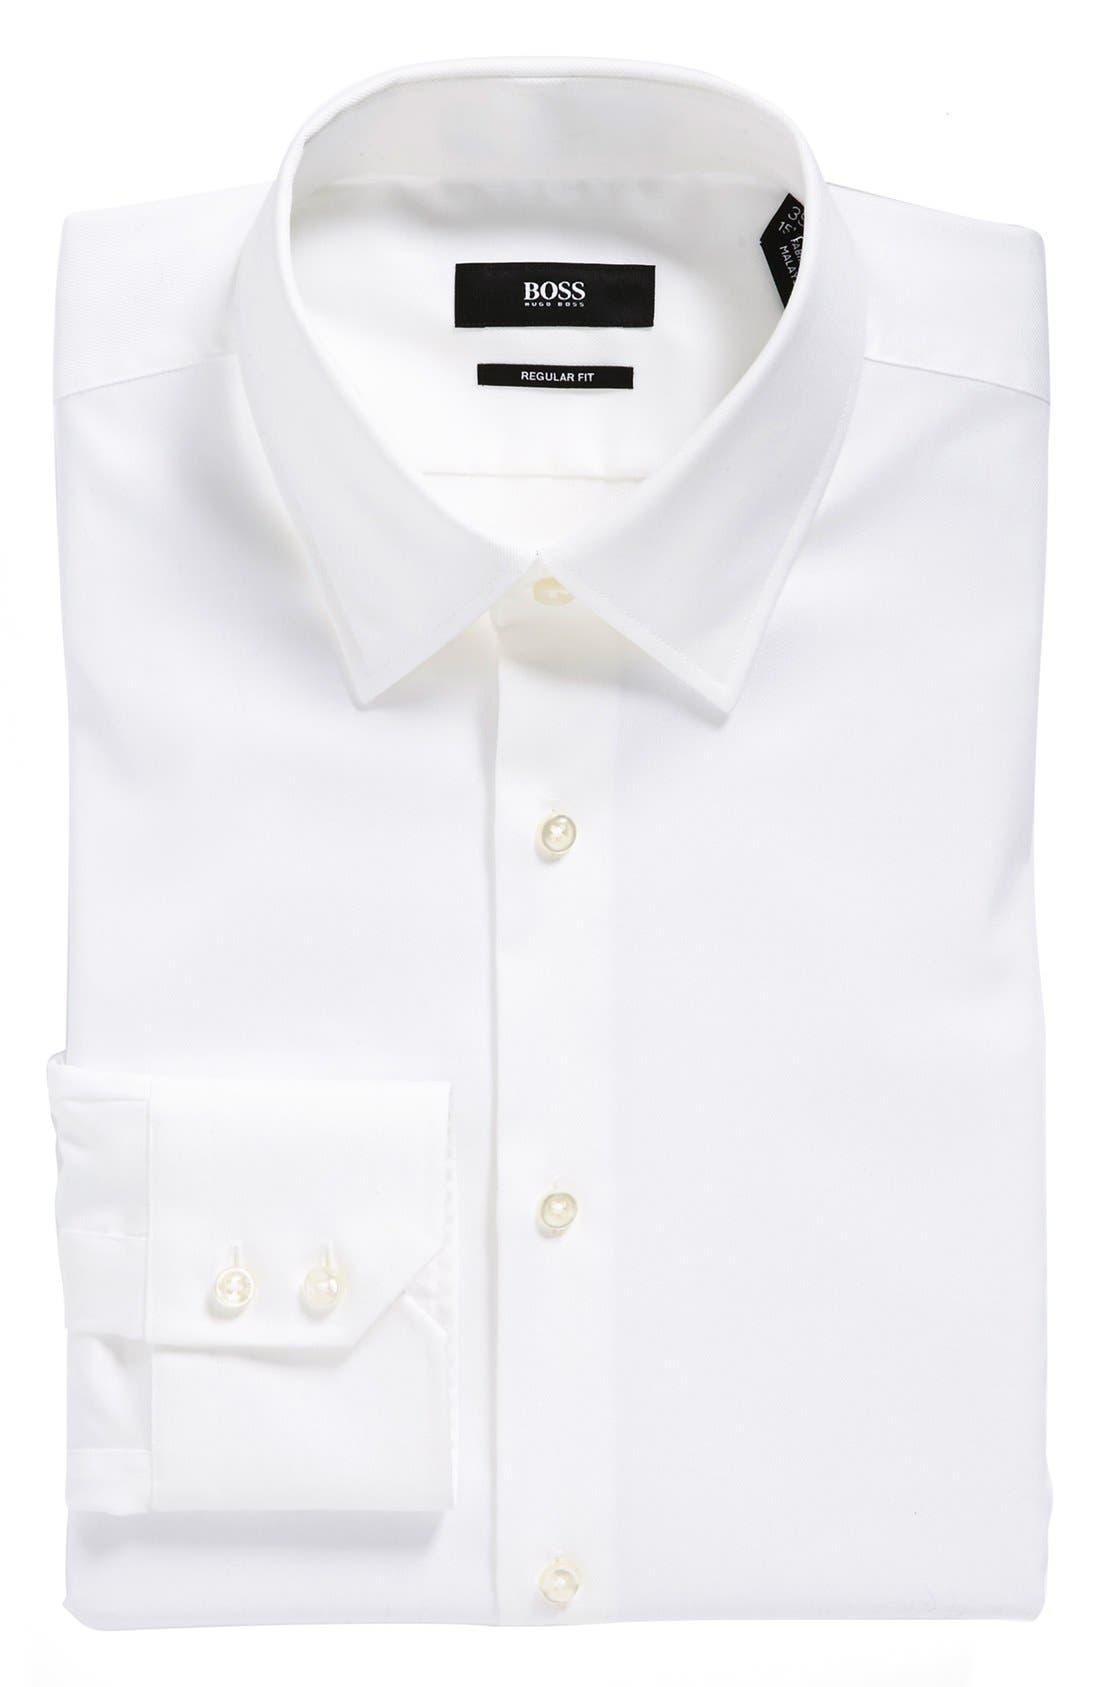 Alternate Image 1 Selected - BOSS HUGO BOSS 'Enzo' WW Regular Fit Easy Iron Dress Shirt